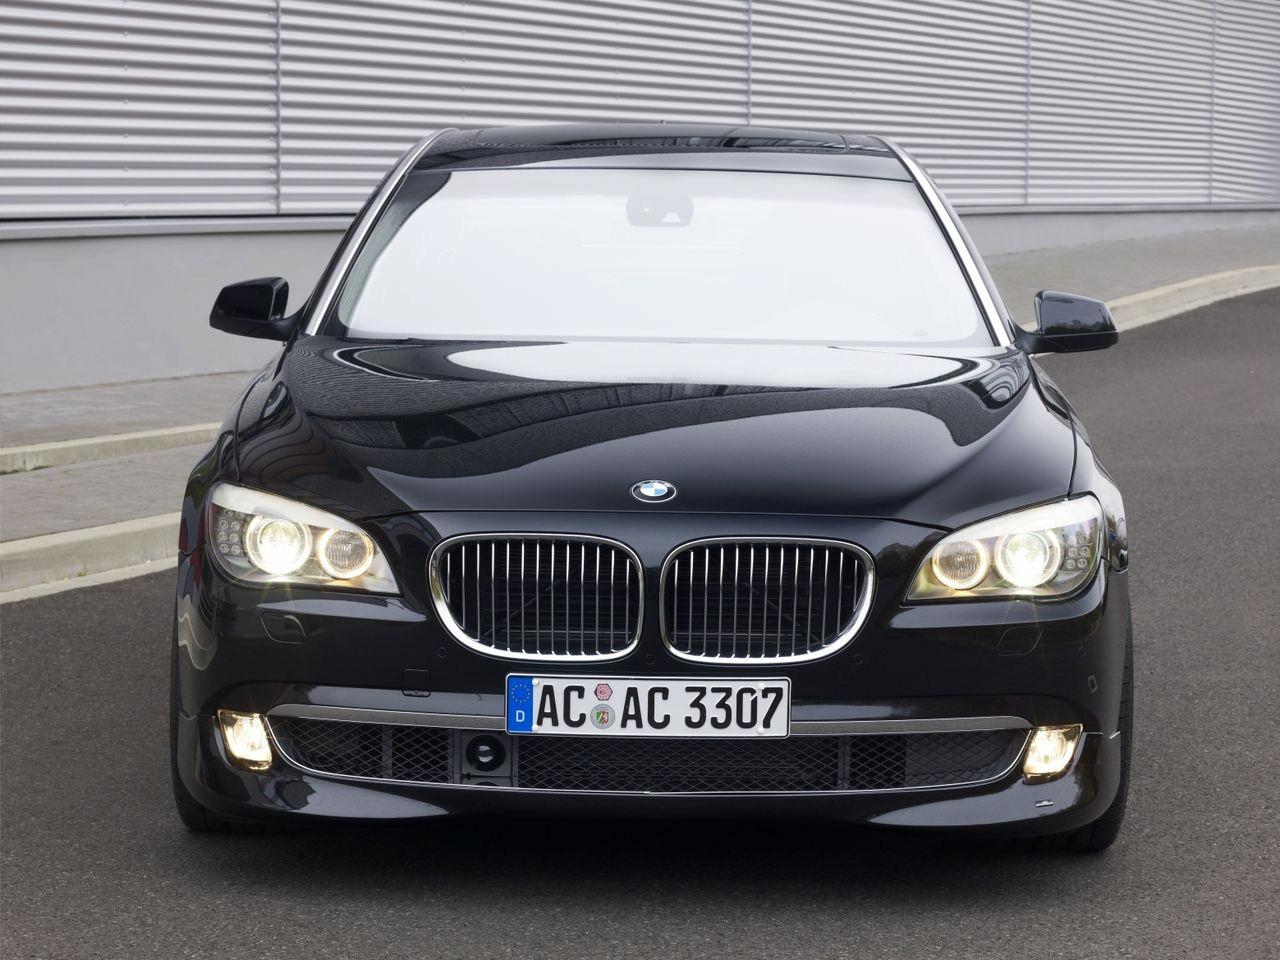 AC Schnitzer – 2009 BMW 7 Series